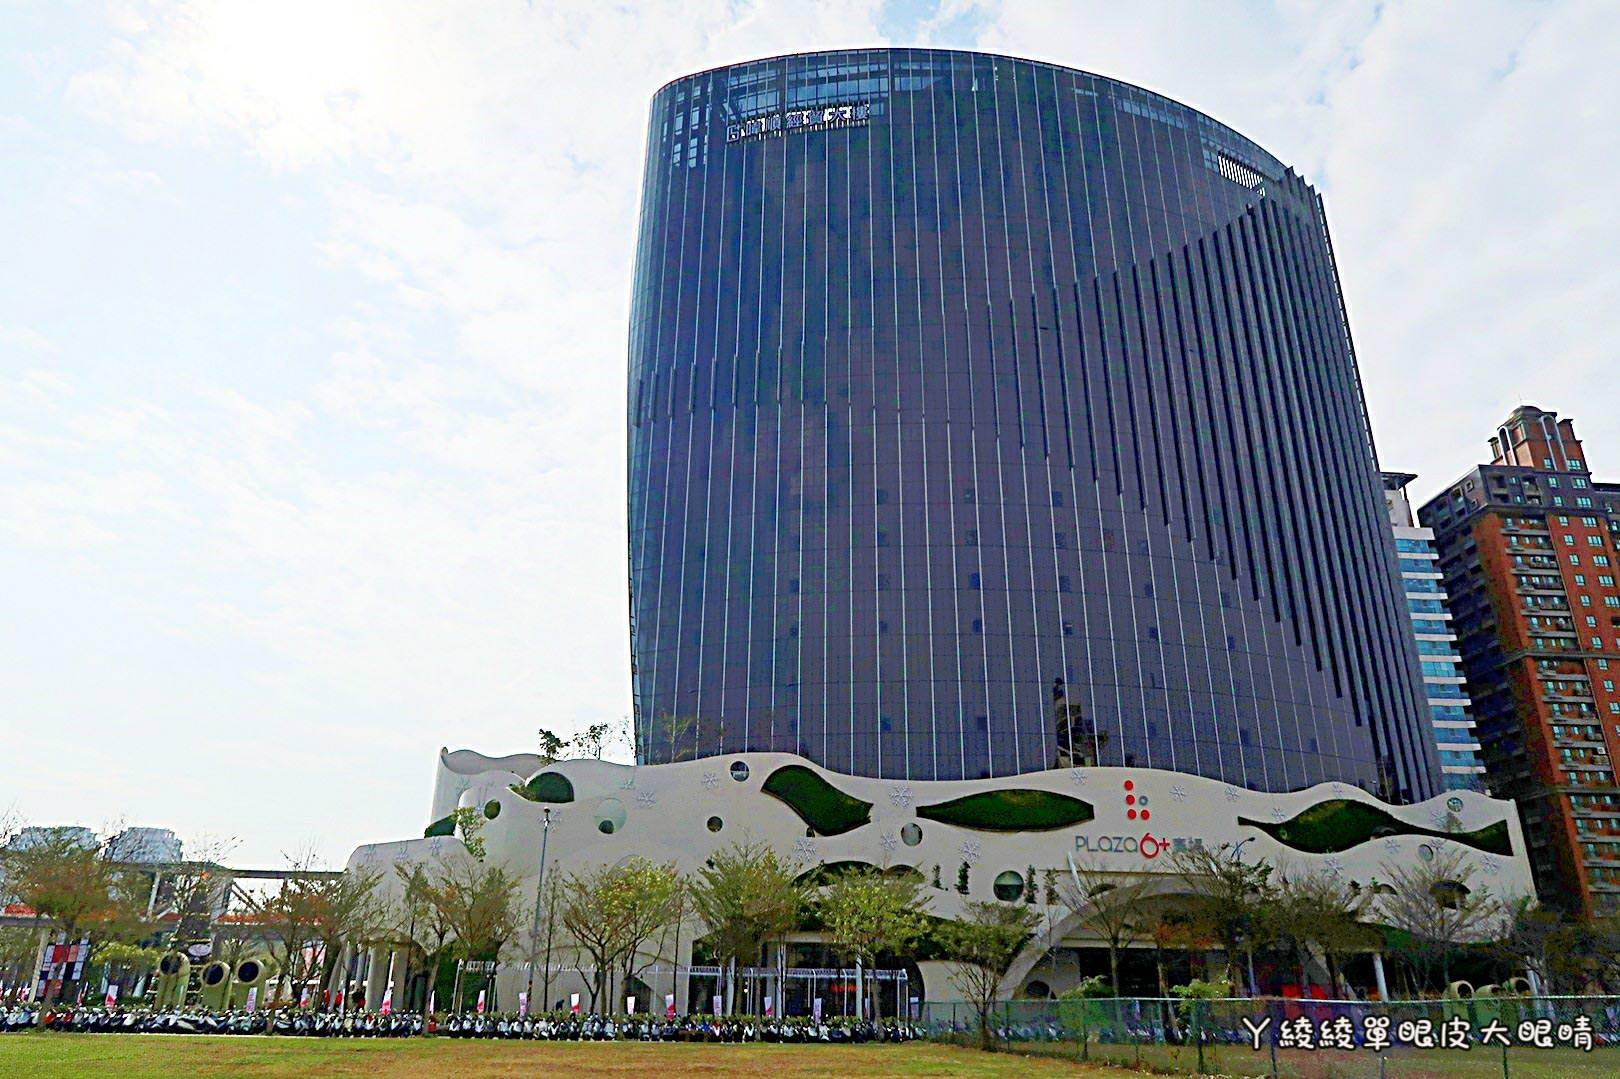 新竹竹北六家高鐵旁《6+Plaza購物廣場》試營運!粉紅燈廊|聖誕樹|暐順經貿大樓樓層介紹|交通資訊|營業時間